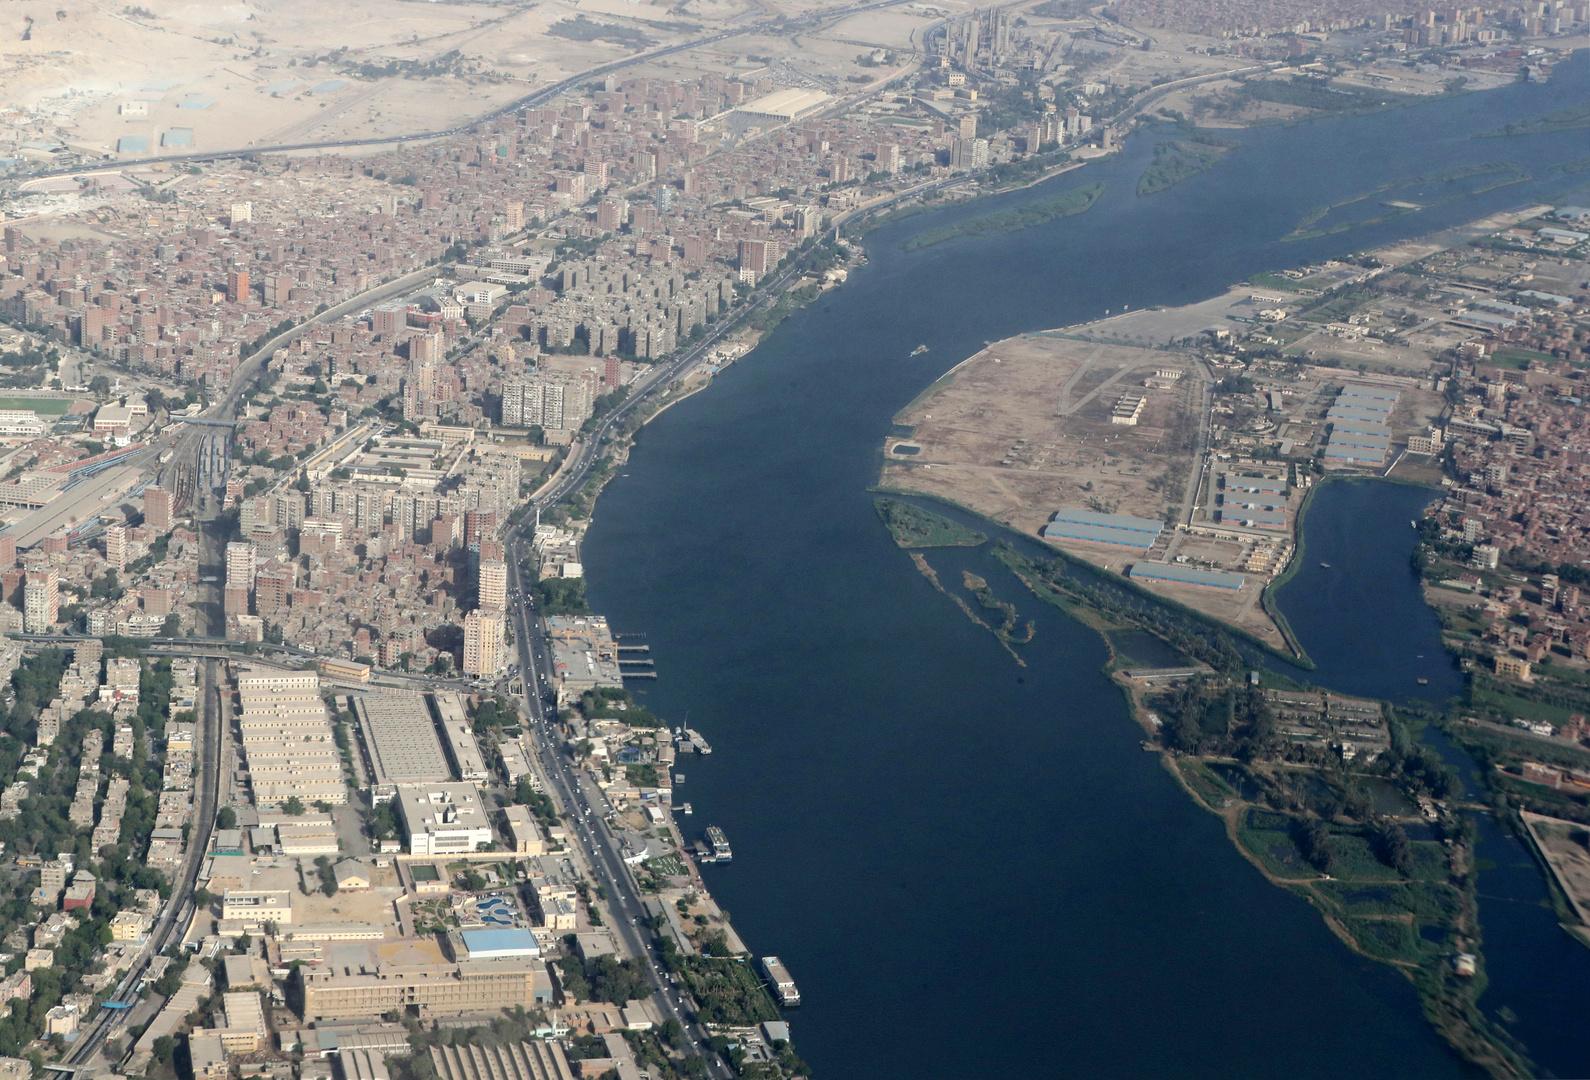 الحكومة المصرية تحذر المواطنين من الفيضان